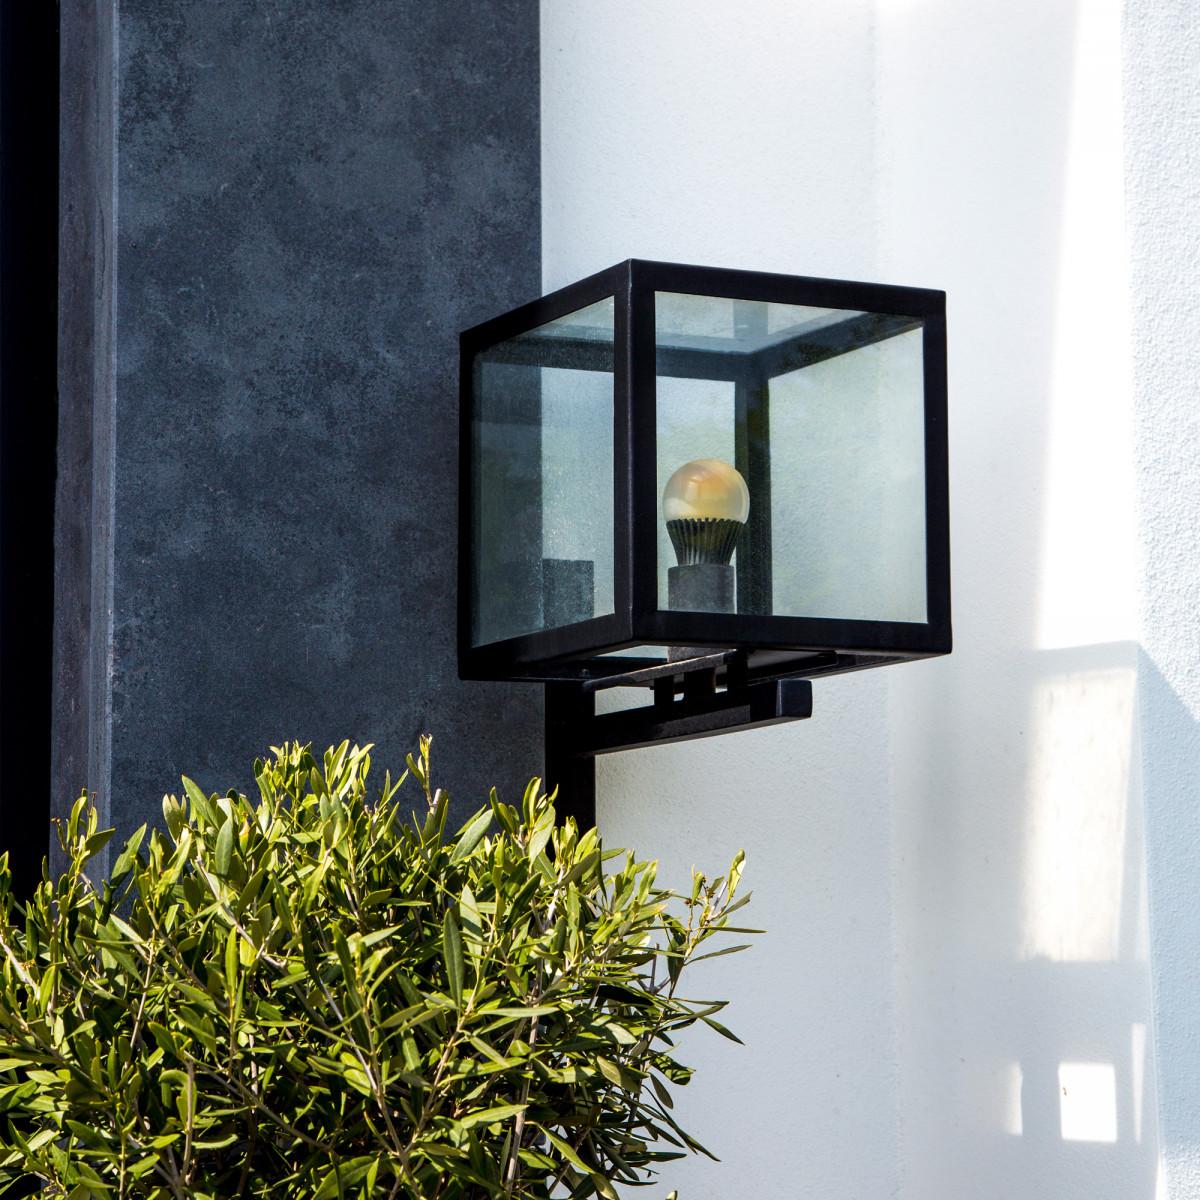 Loosdrecht Wandlampe, Außenwandleuchte Schwarz, kubische Wandlampe mit luxuriöser Ausstrahlung